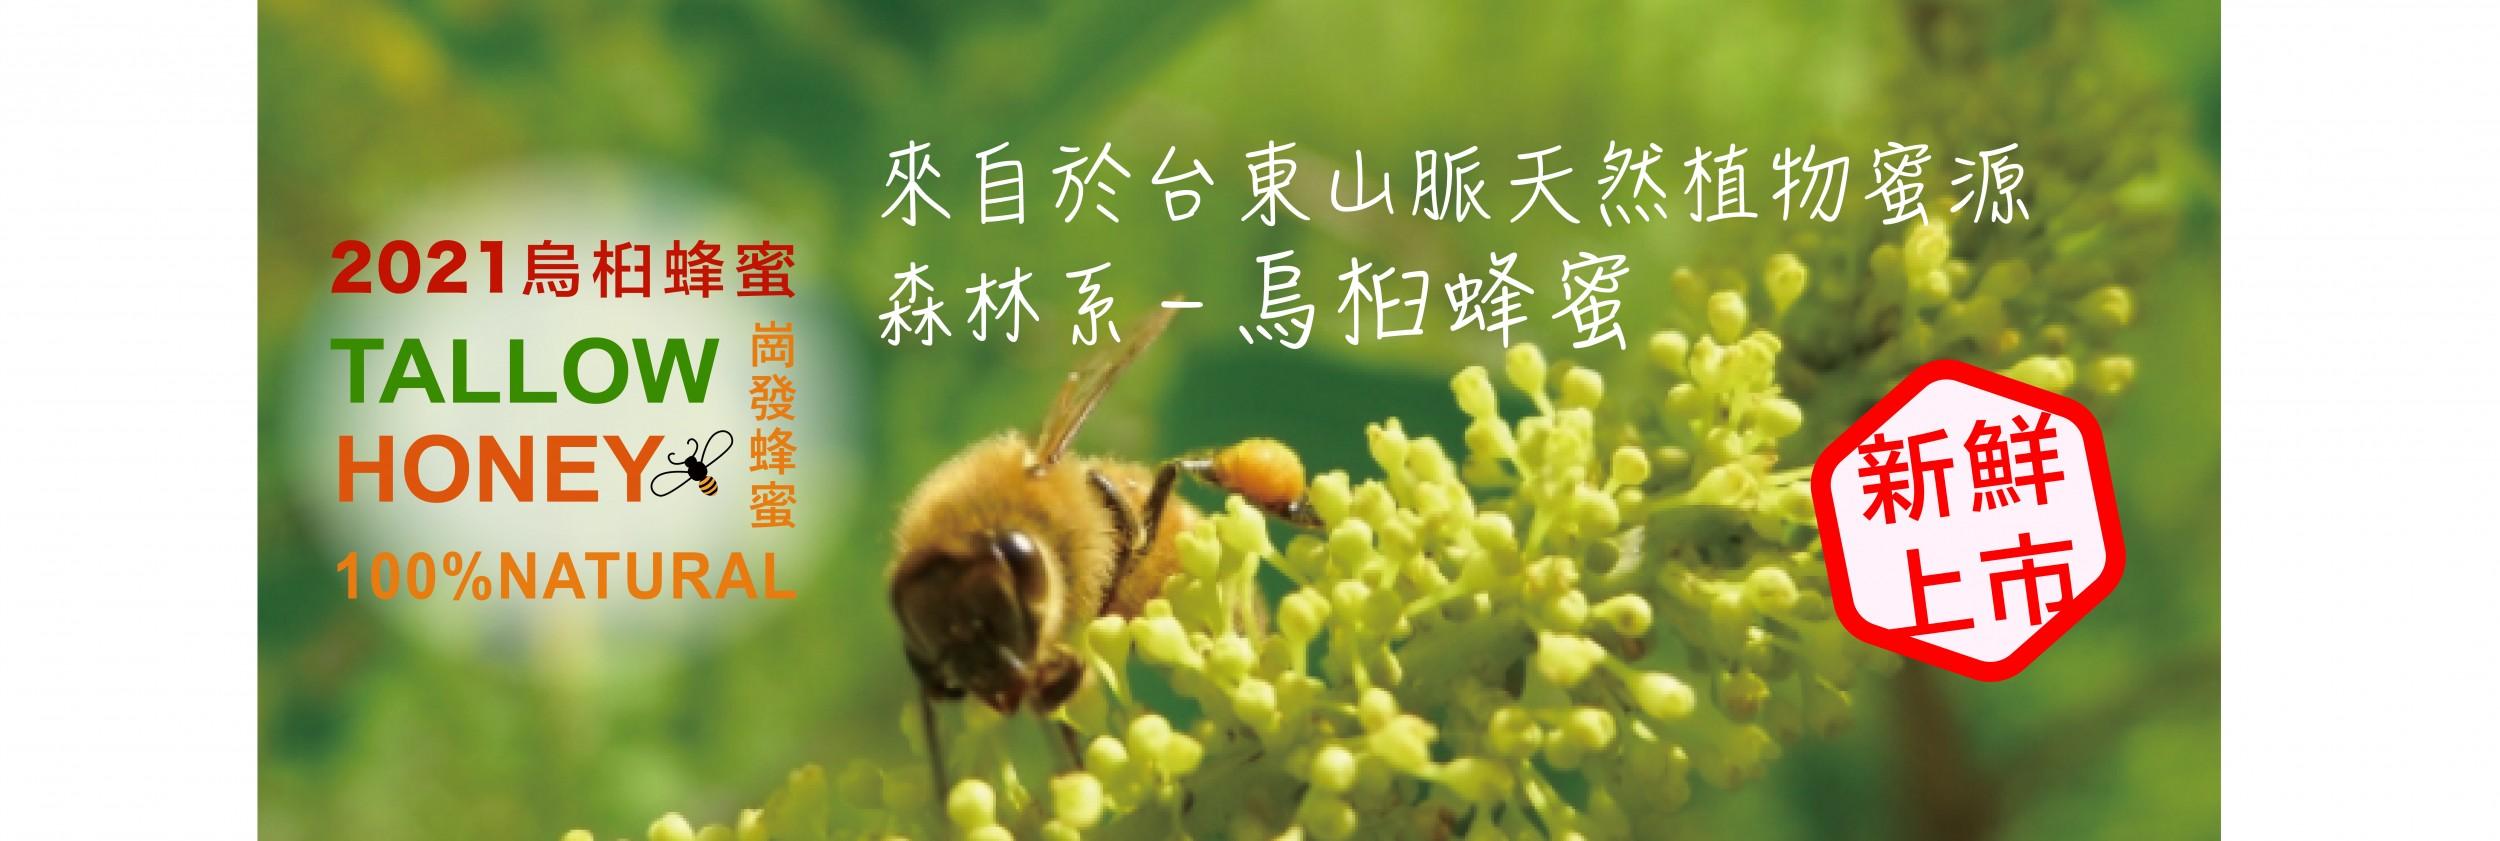 2021烏桕蜂蜜